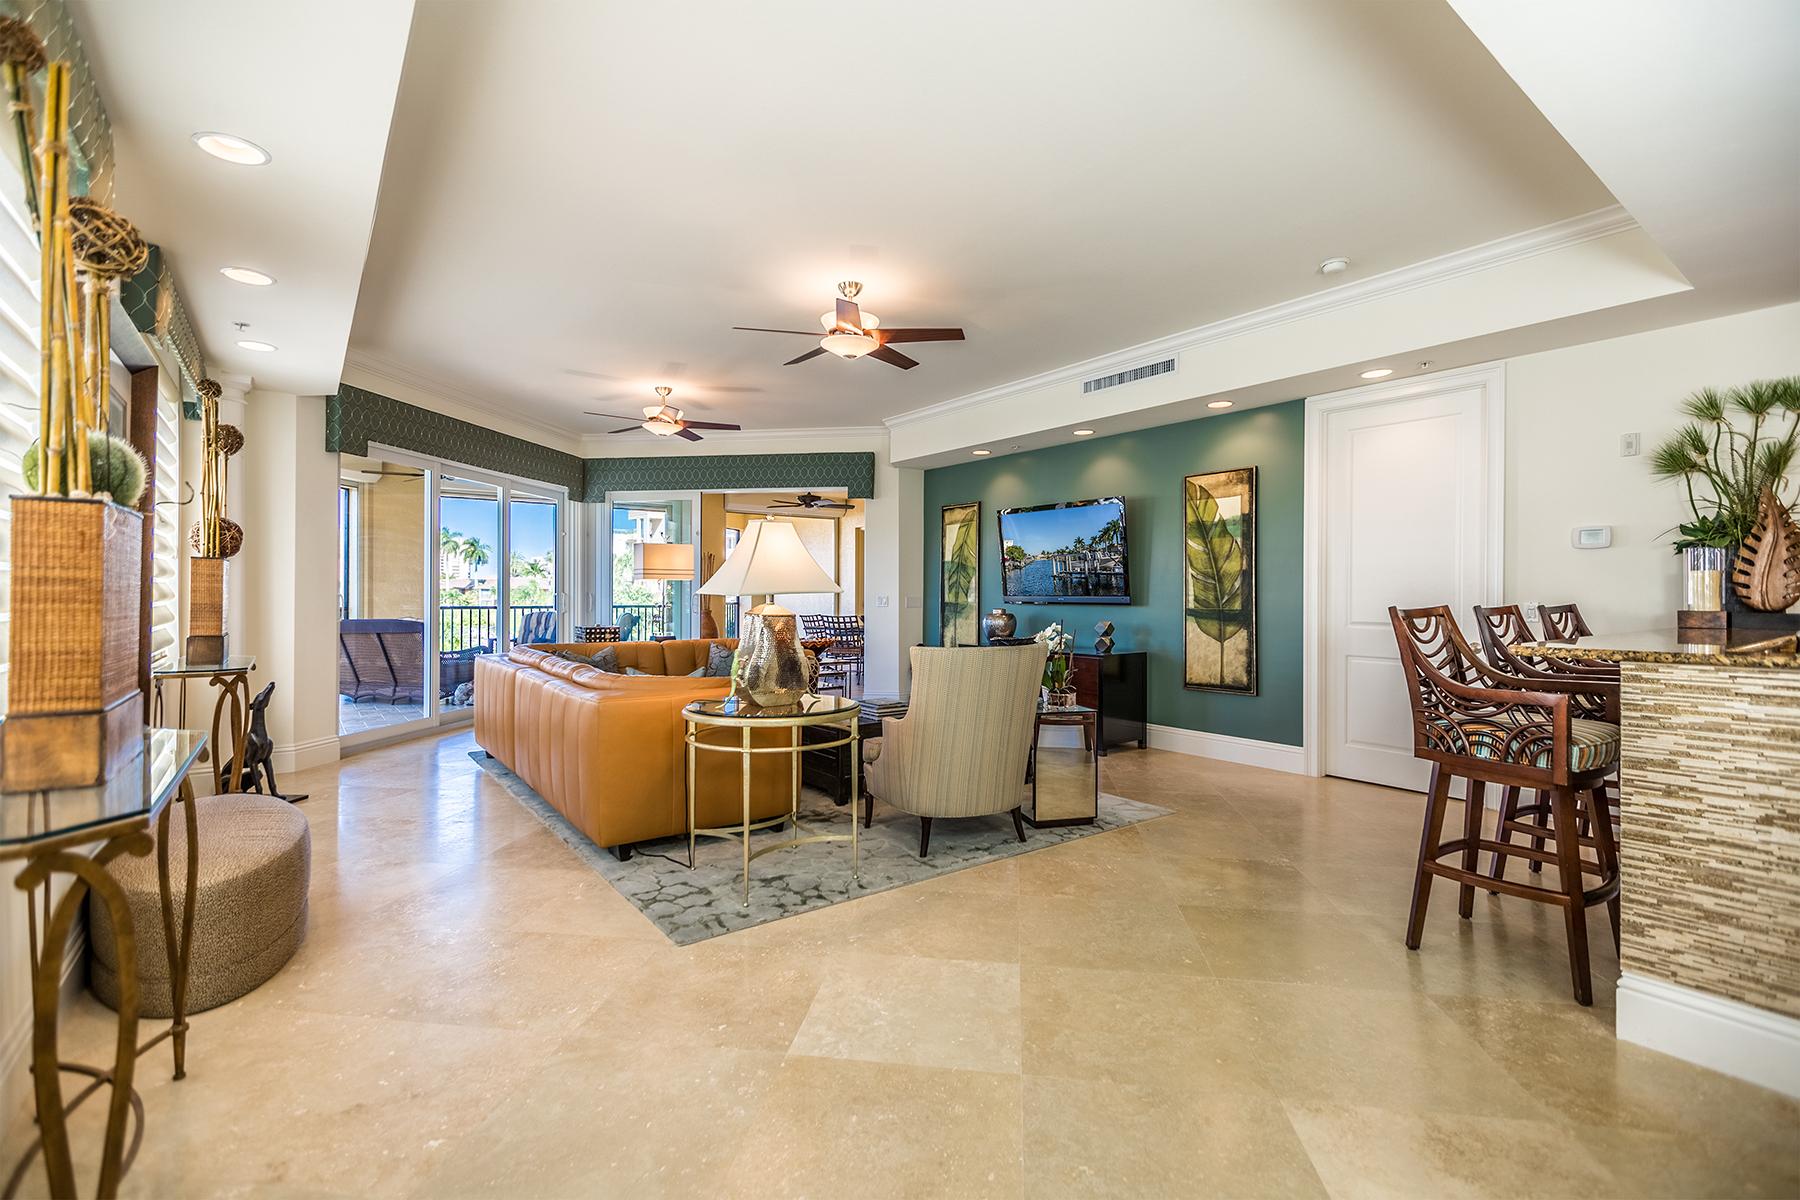 共管式独立产权公寓 为 销售 在 MARCO ISLAND - MARINERS PALM HARBOR 908 Panama Ct 201 马可岛, 佛罗里达州, 34145 美国